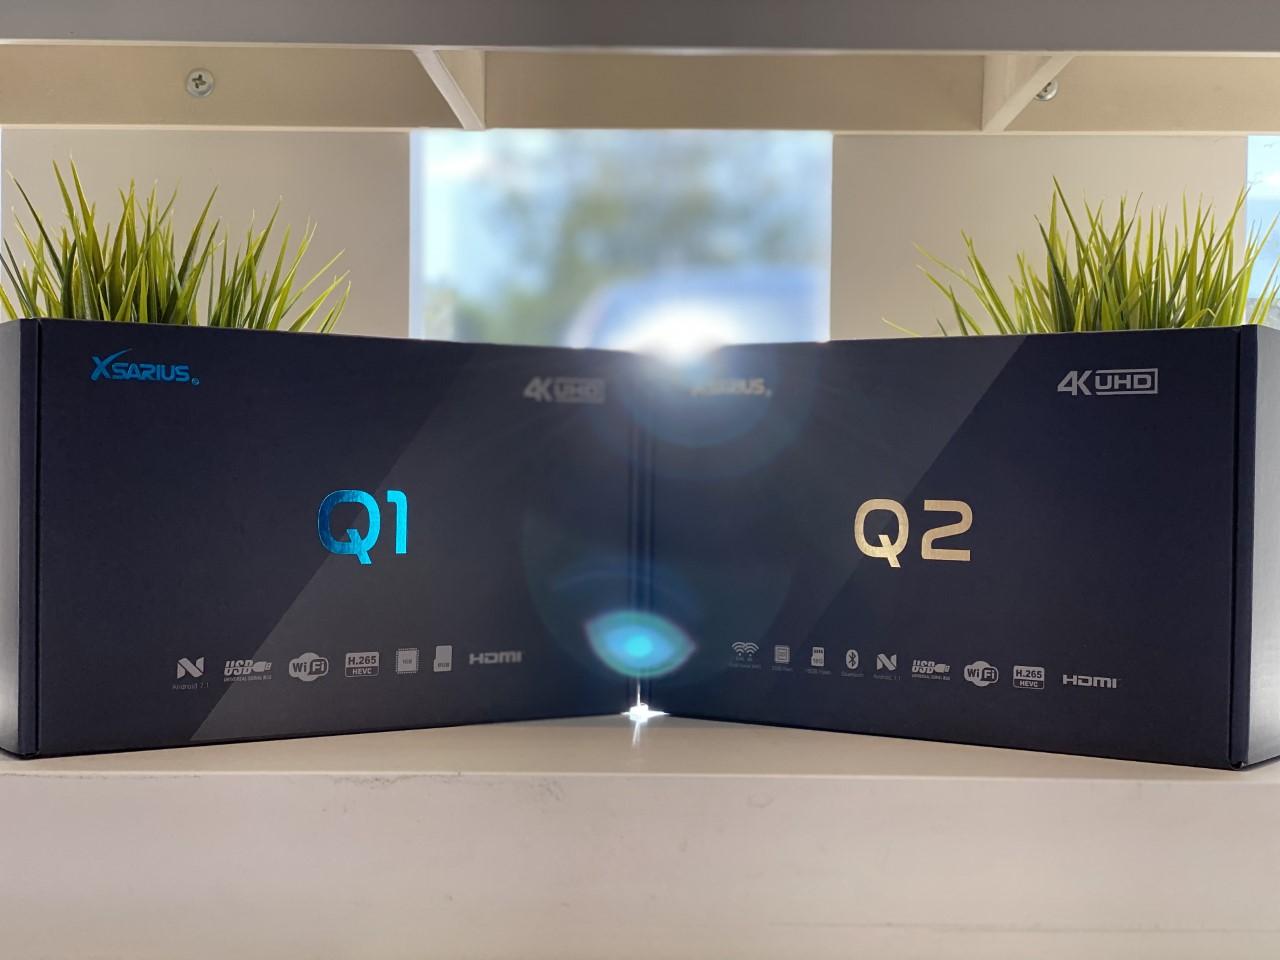 Xsarius Q1 and Q2 has been renewed!